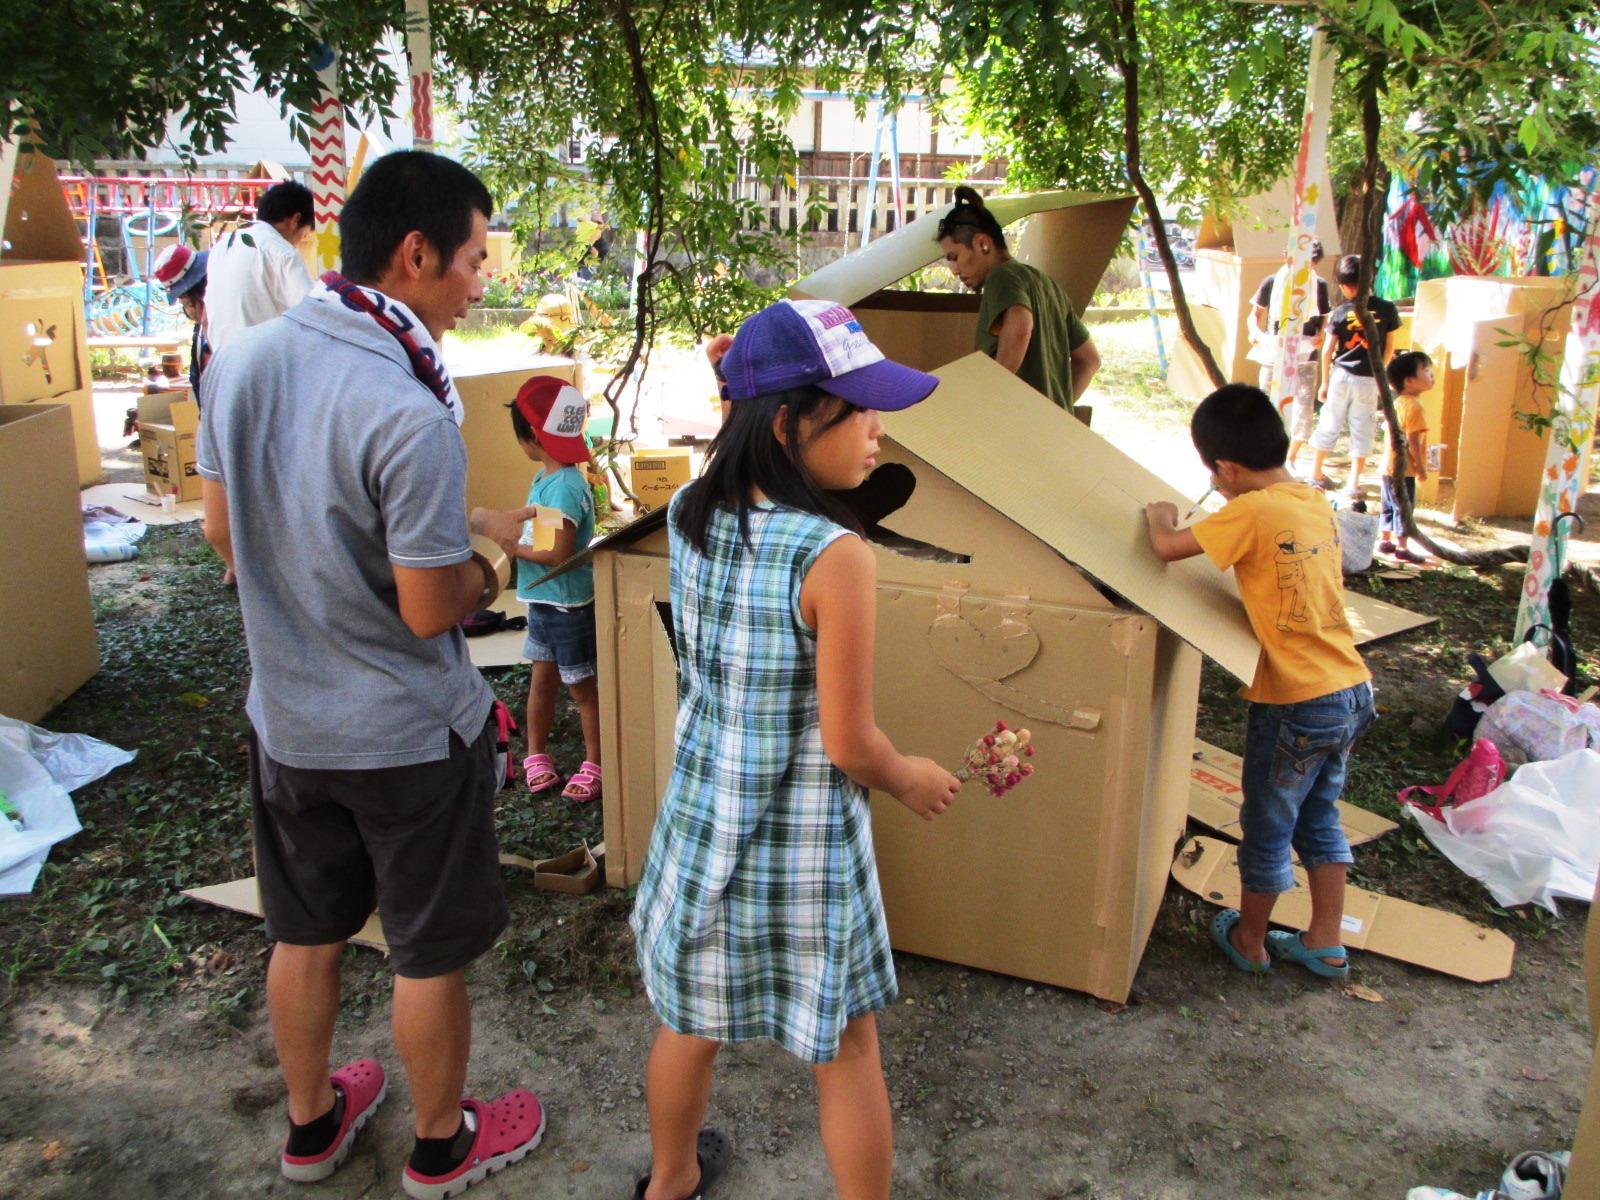 「公園にダンボールでまちをつくろう」滋賀県子ども未来基金助成事業。(上)大きなダンボールやいろんな素材のパーツを使って、自分たちだけのまちを作成。(中)一生懸命つくって楽しめば、絵具もボンドも仲良しのお友だち。(下)楽しいことは子どもも大人も夢中になる。大人だって楽しみたい